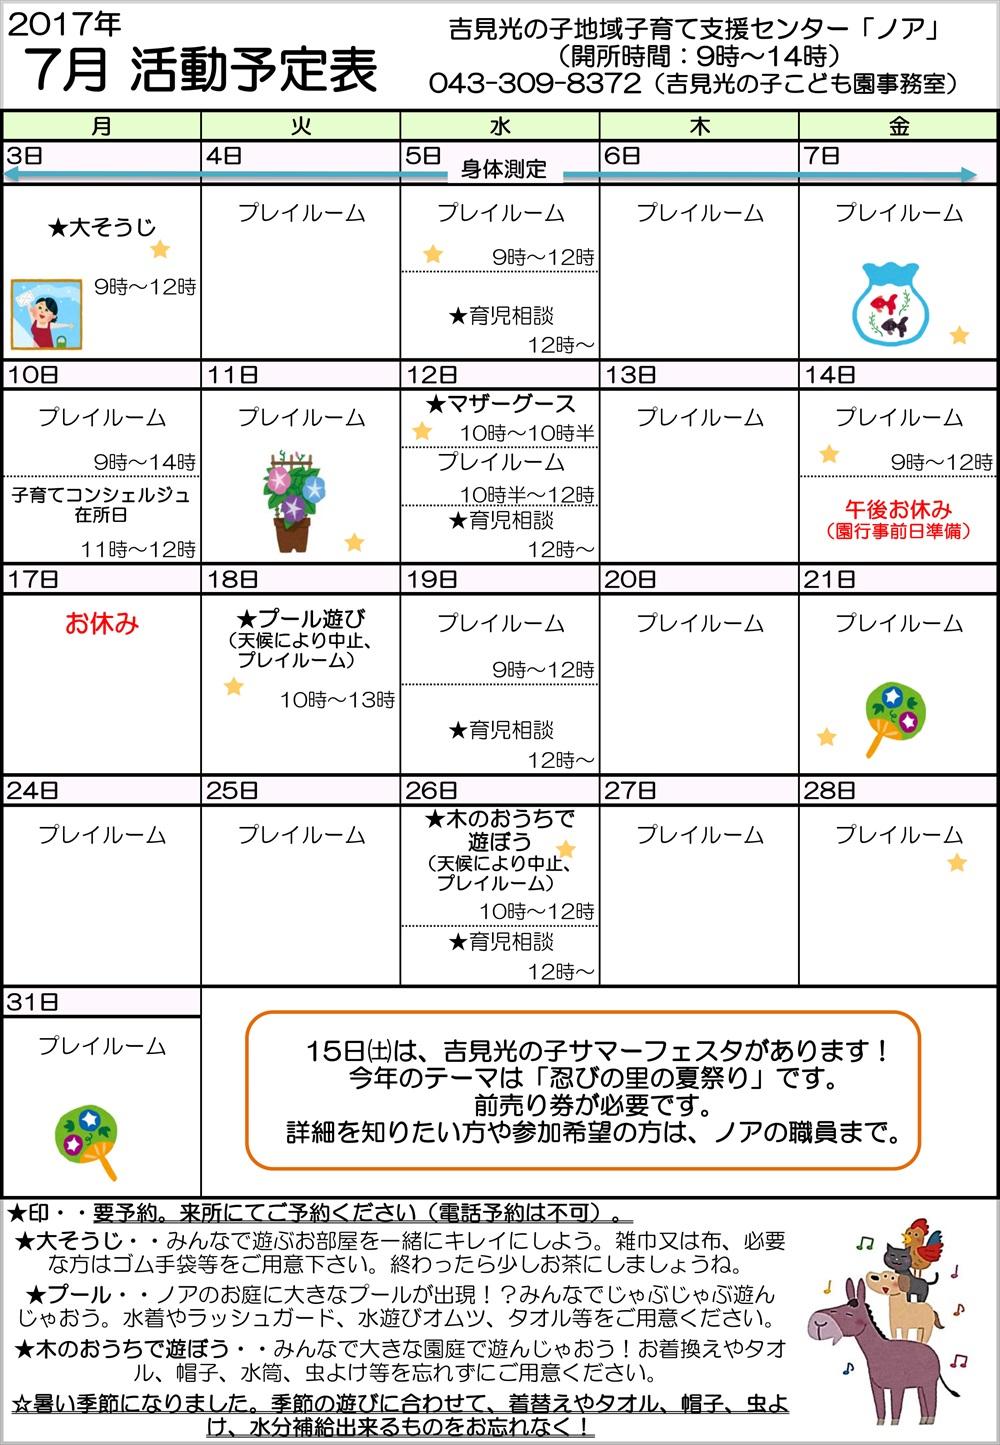 7月ノア活動予定表